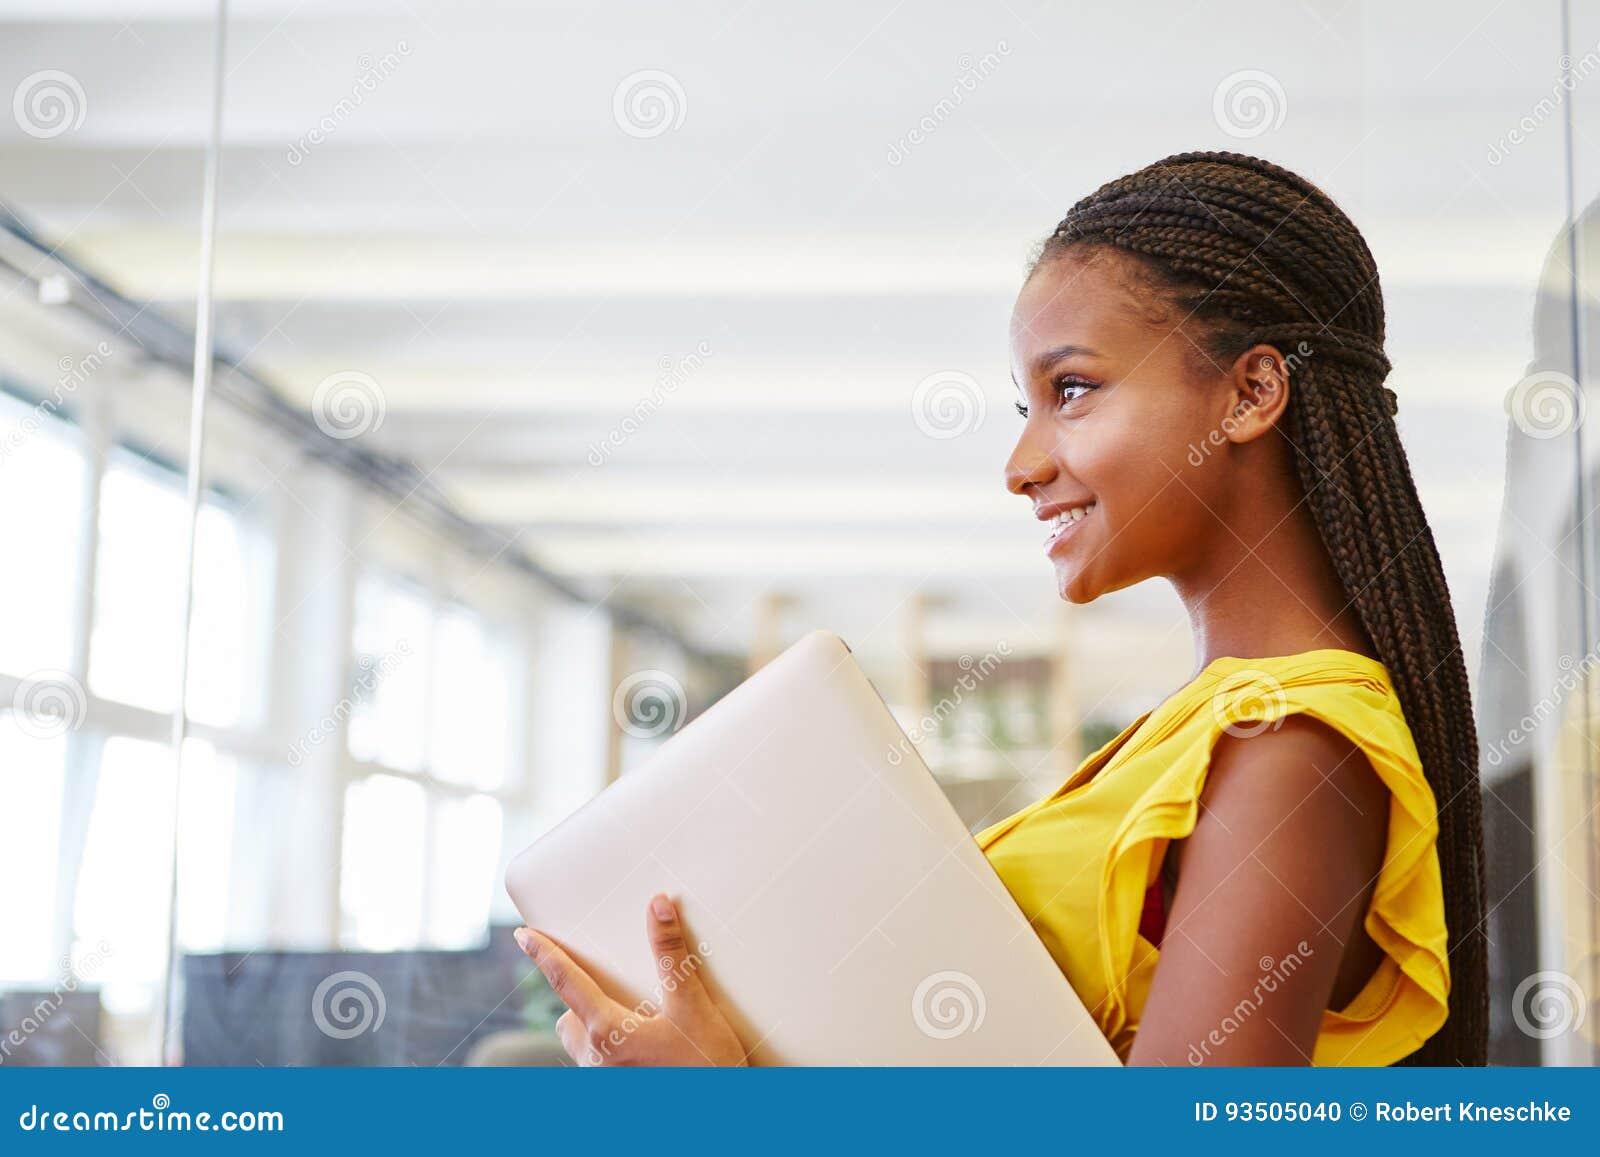 Ung kvinna som deltagare i utbildning